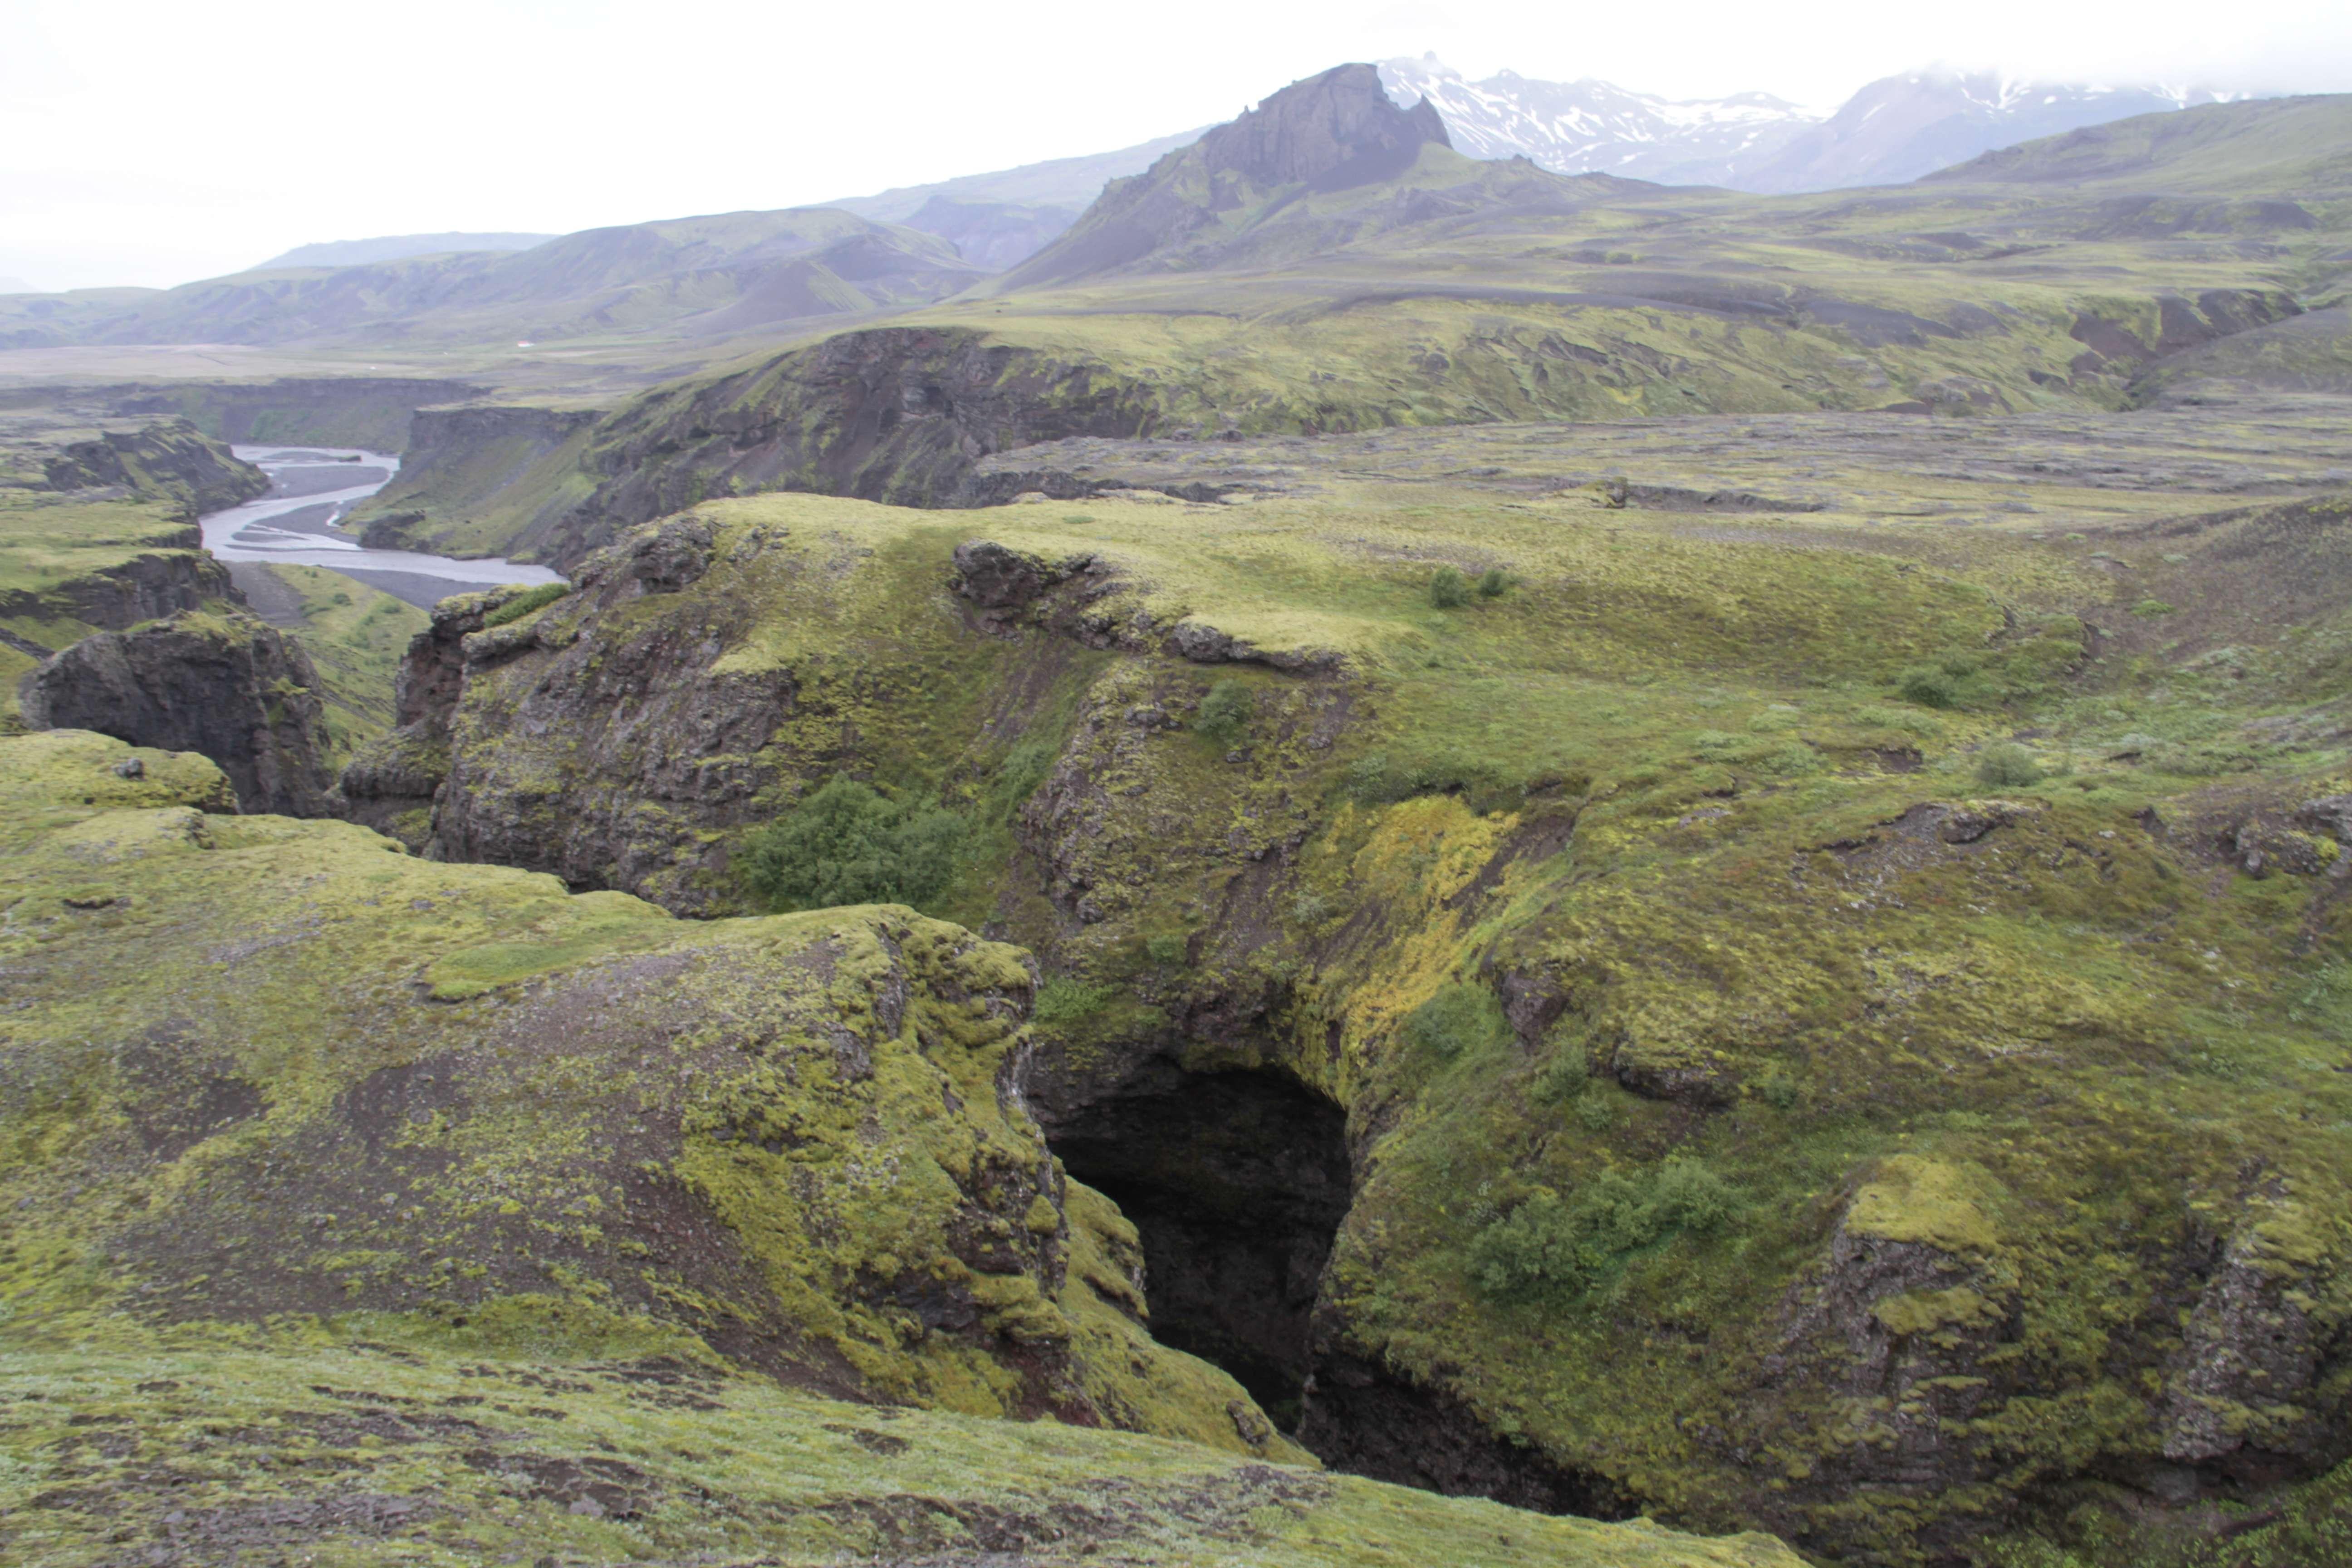 Islande_0621 trail jour 3 Emstrur-Porsmork 19 juillet